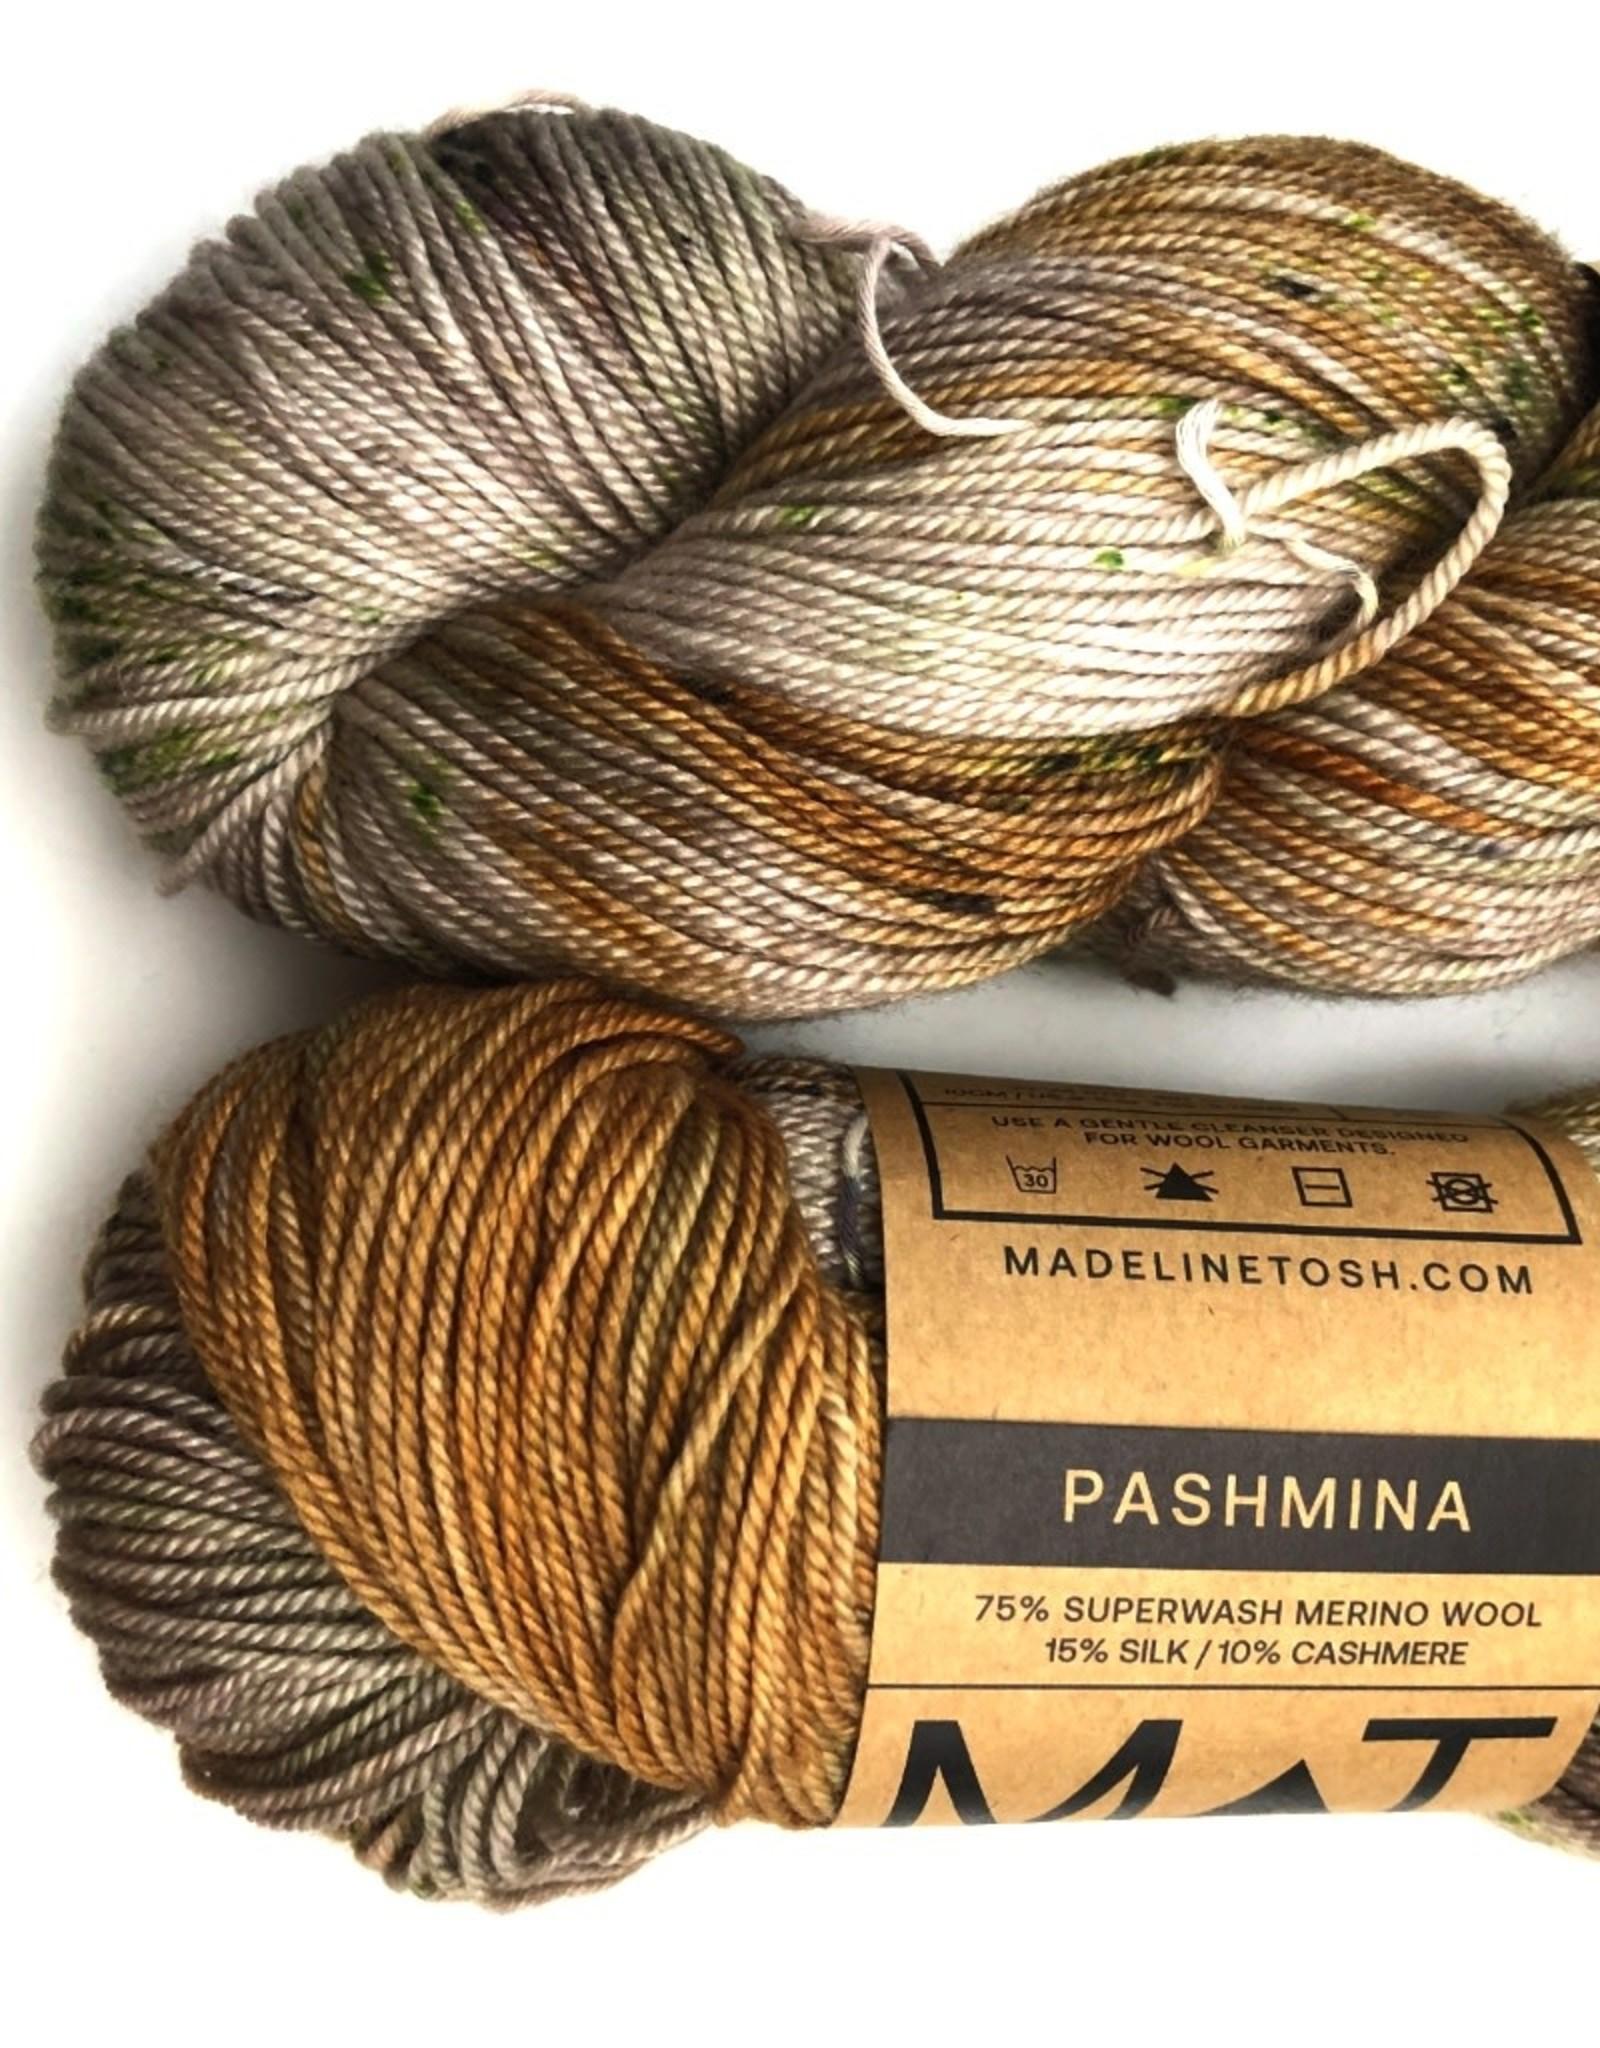 Mad/Tosh Pashmina